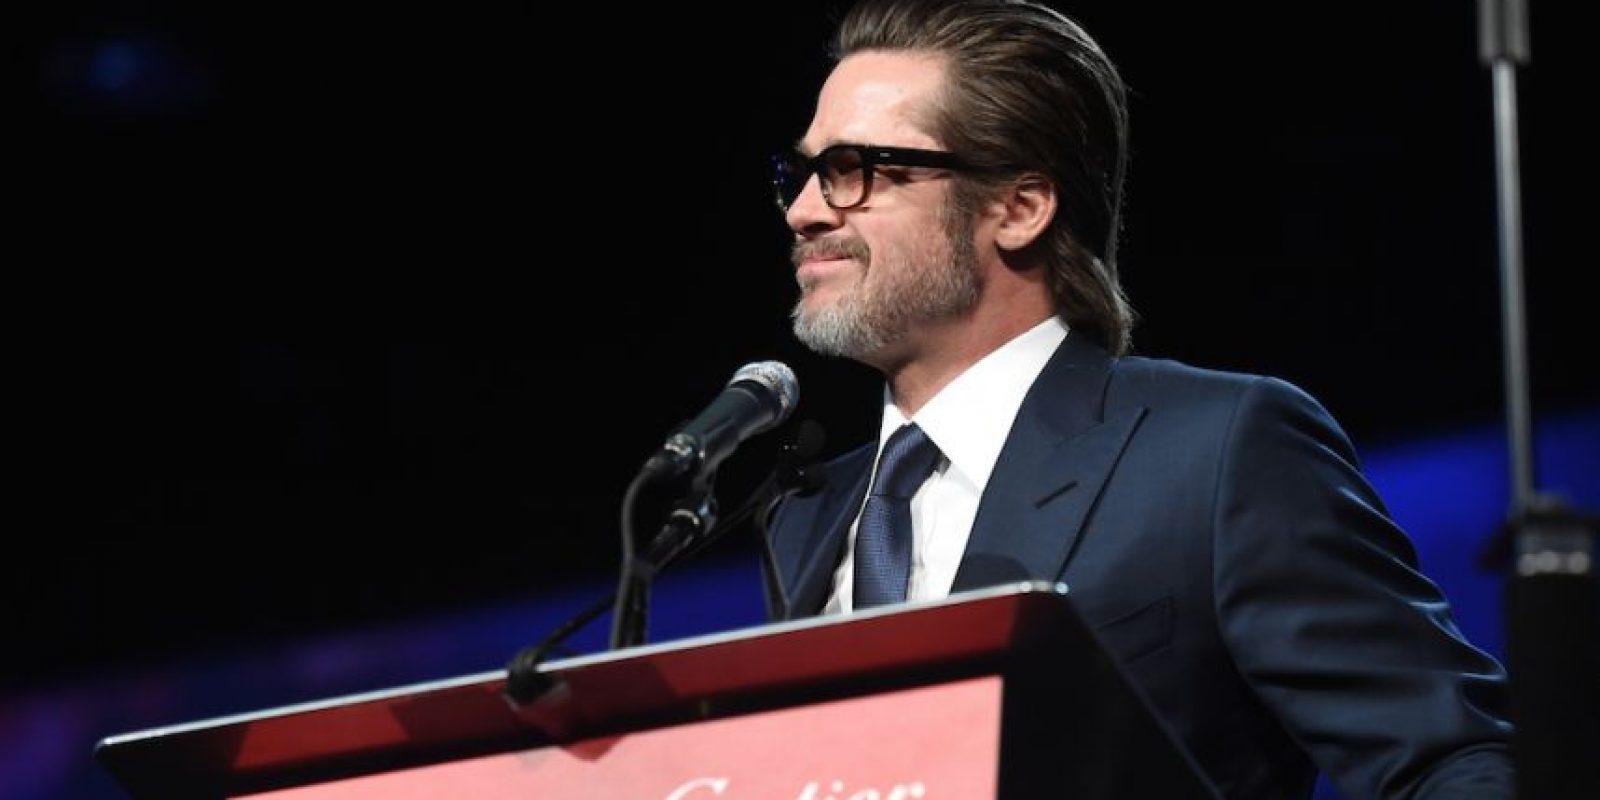 Pitt también mostró lo que parecen ser canas en su barba. Foto:Getty Images